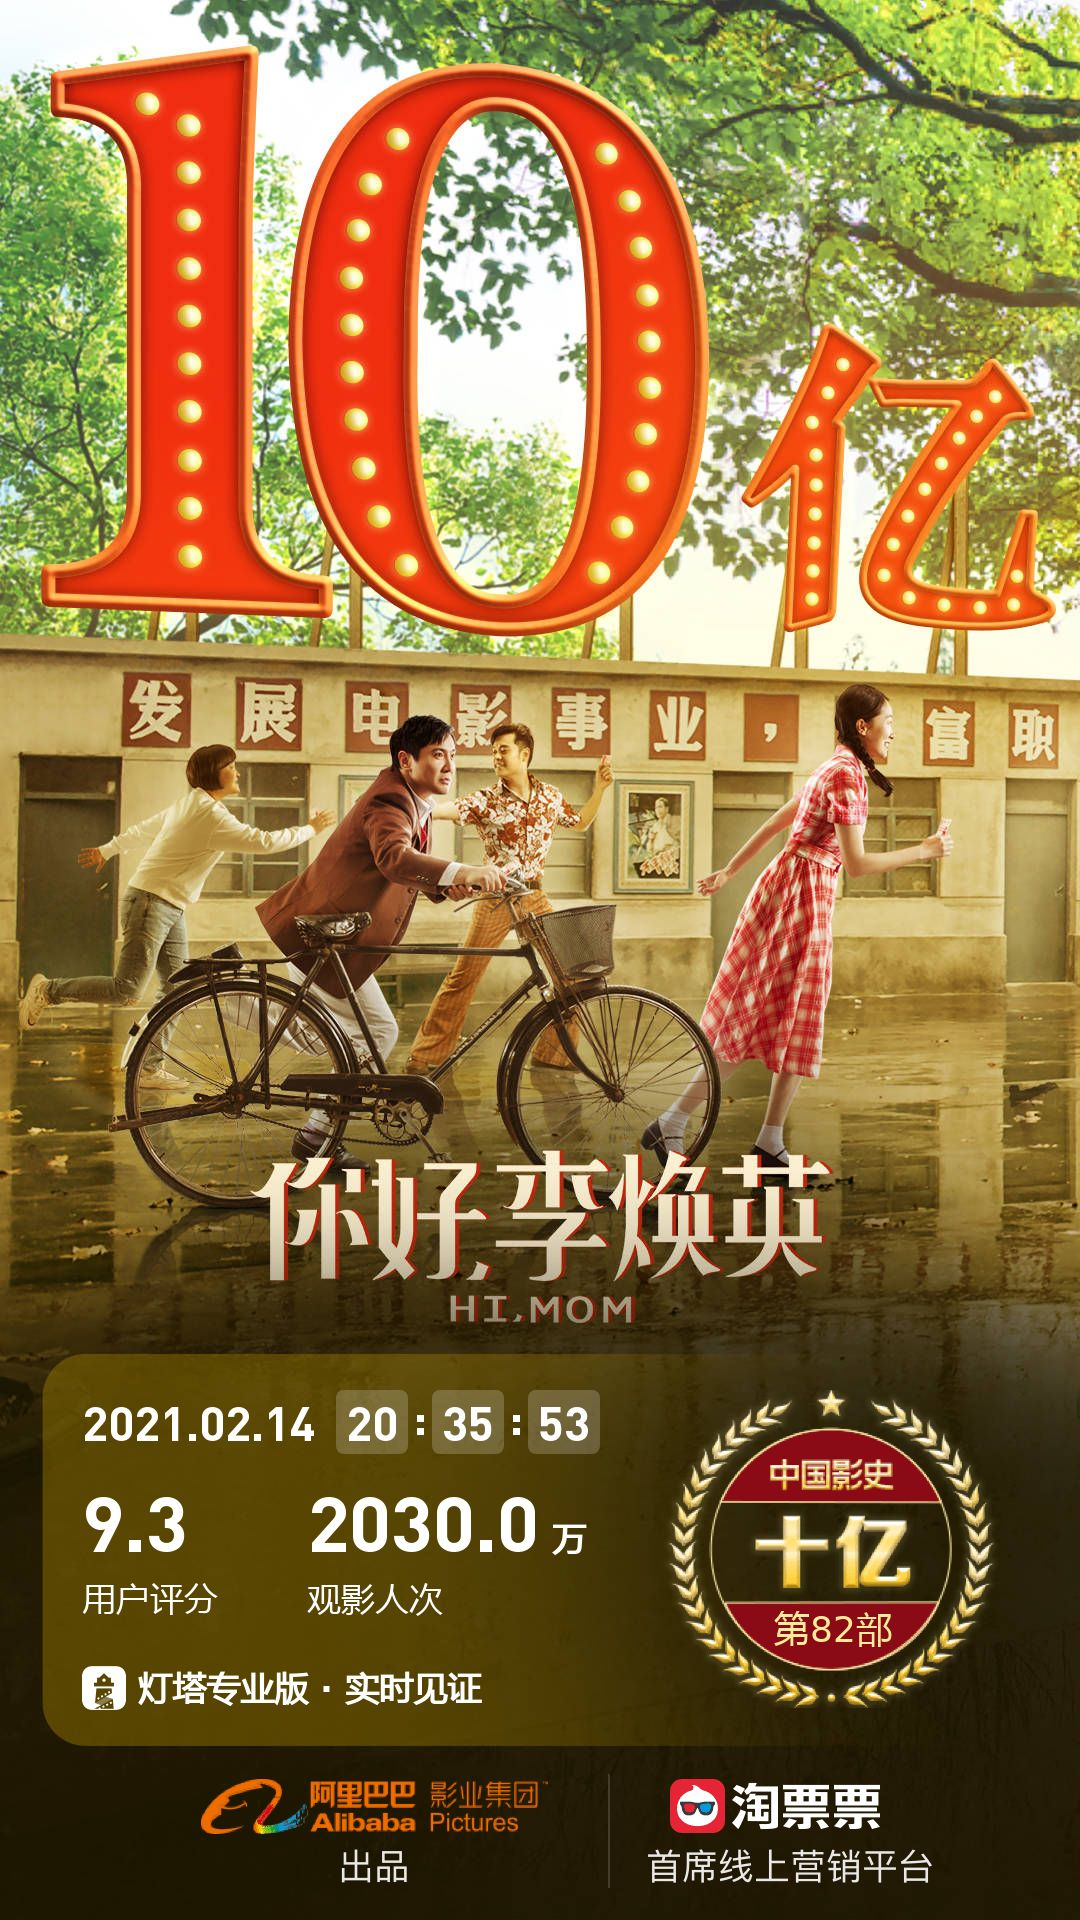 逆袭!《你好,李焕英》2月15日预售票房超过《唐探3》